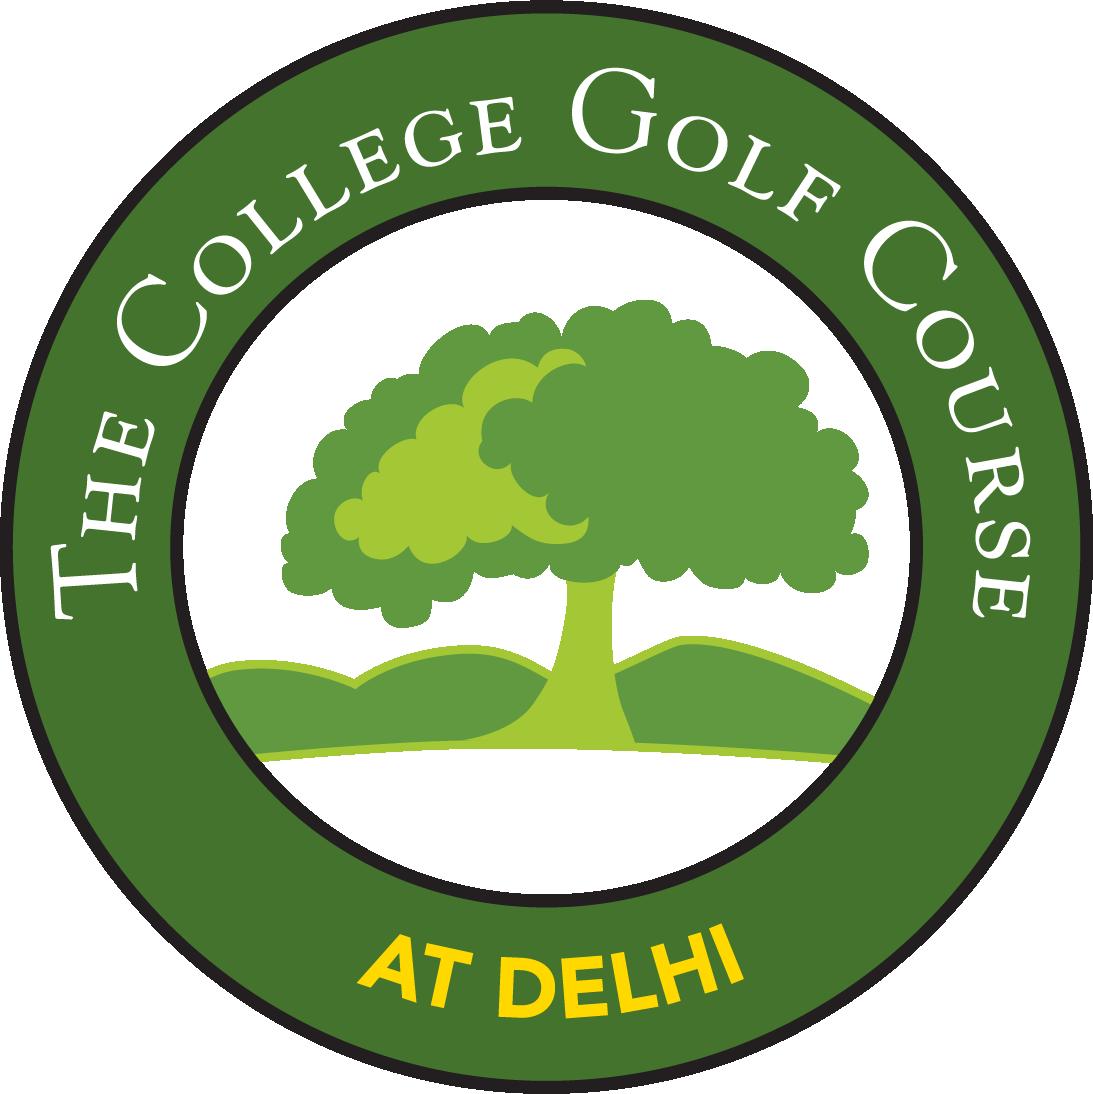 The College Golf Course at Delhi